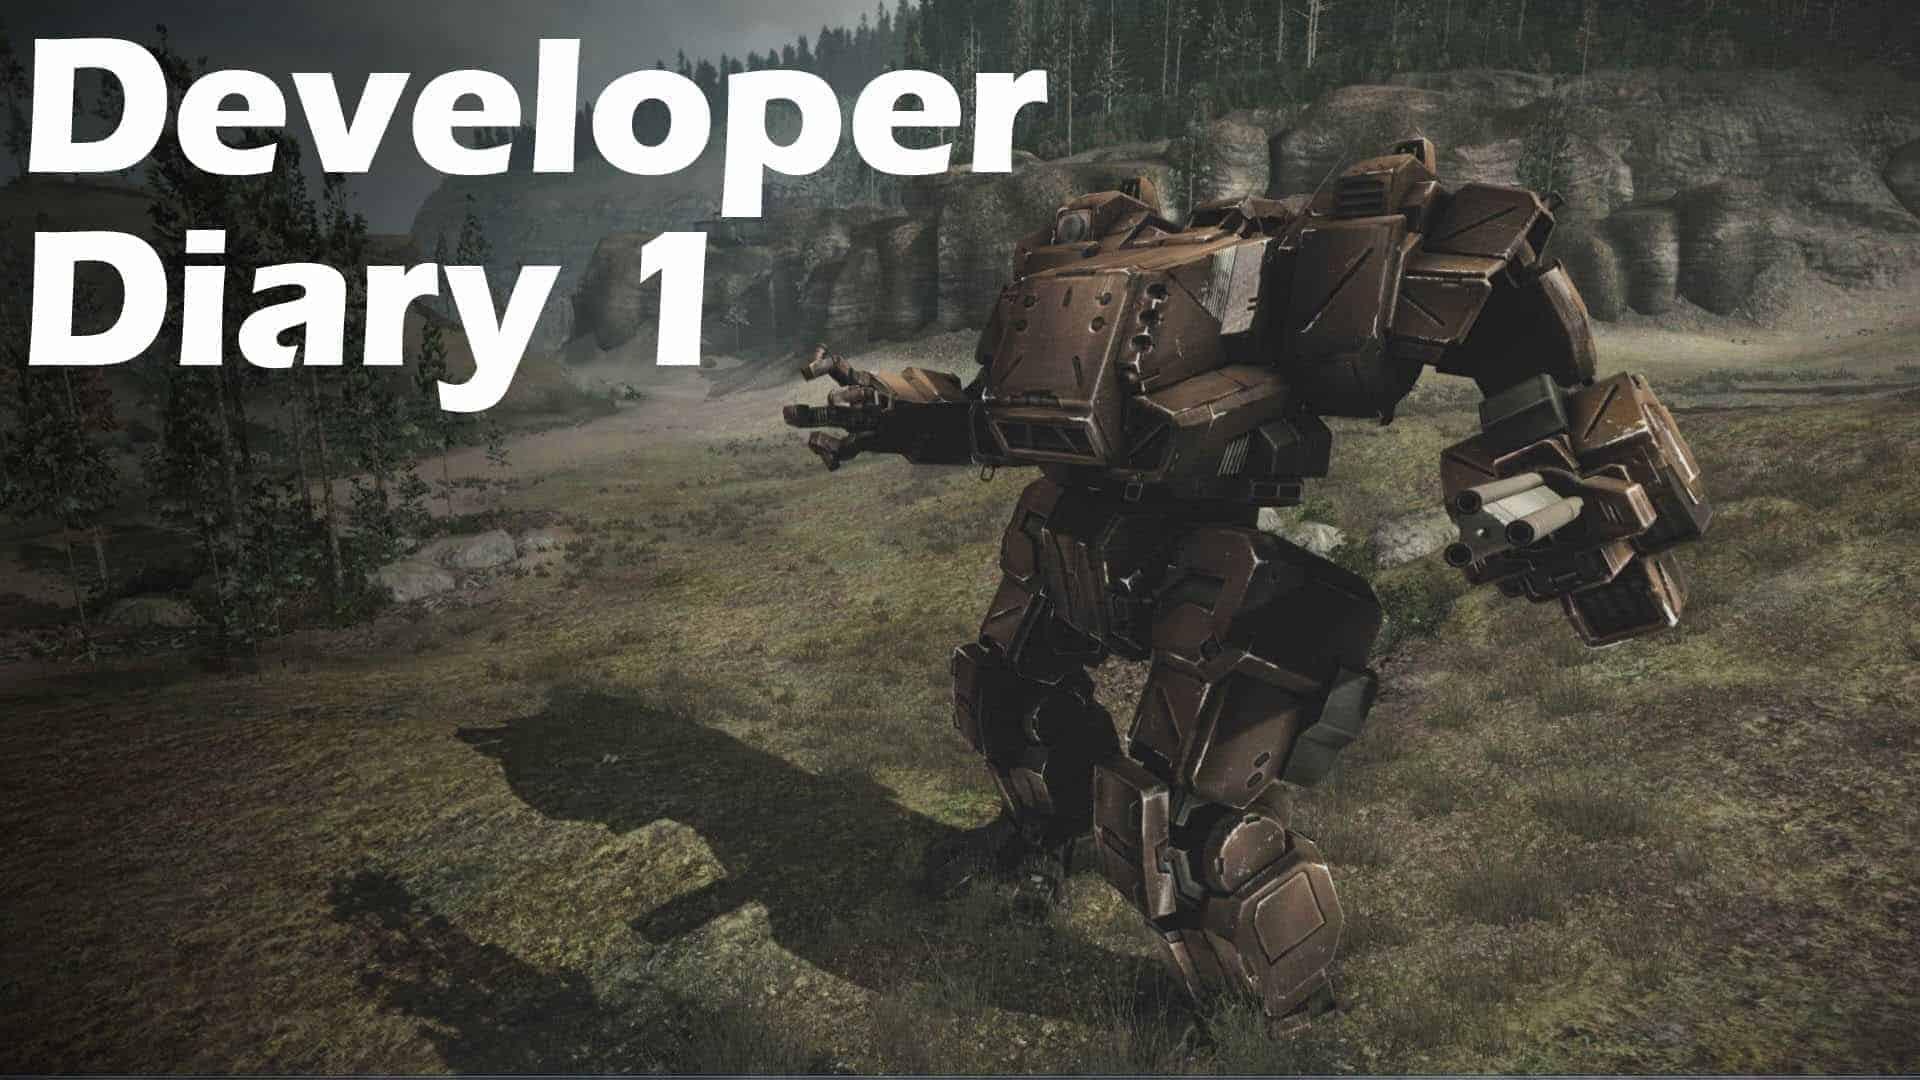 MechWarrior Online developer diary series